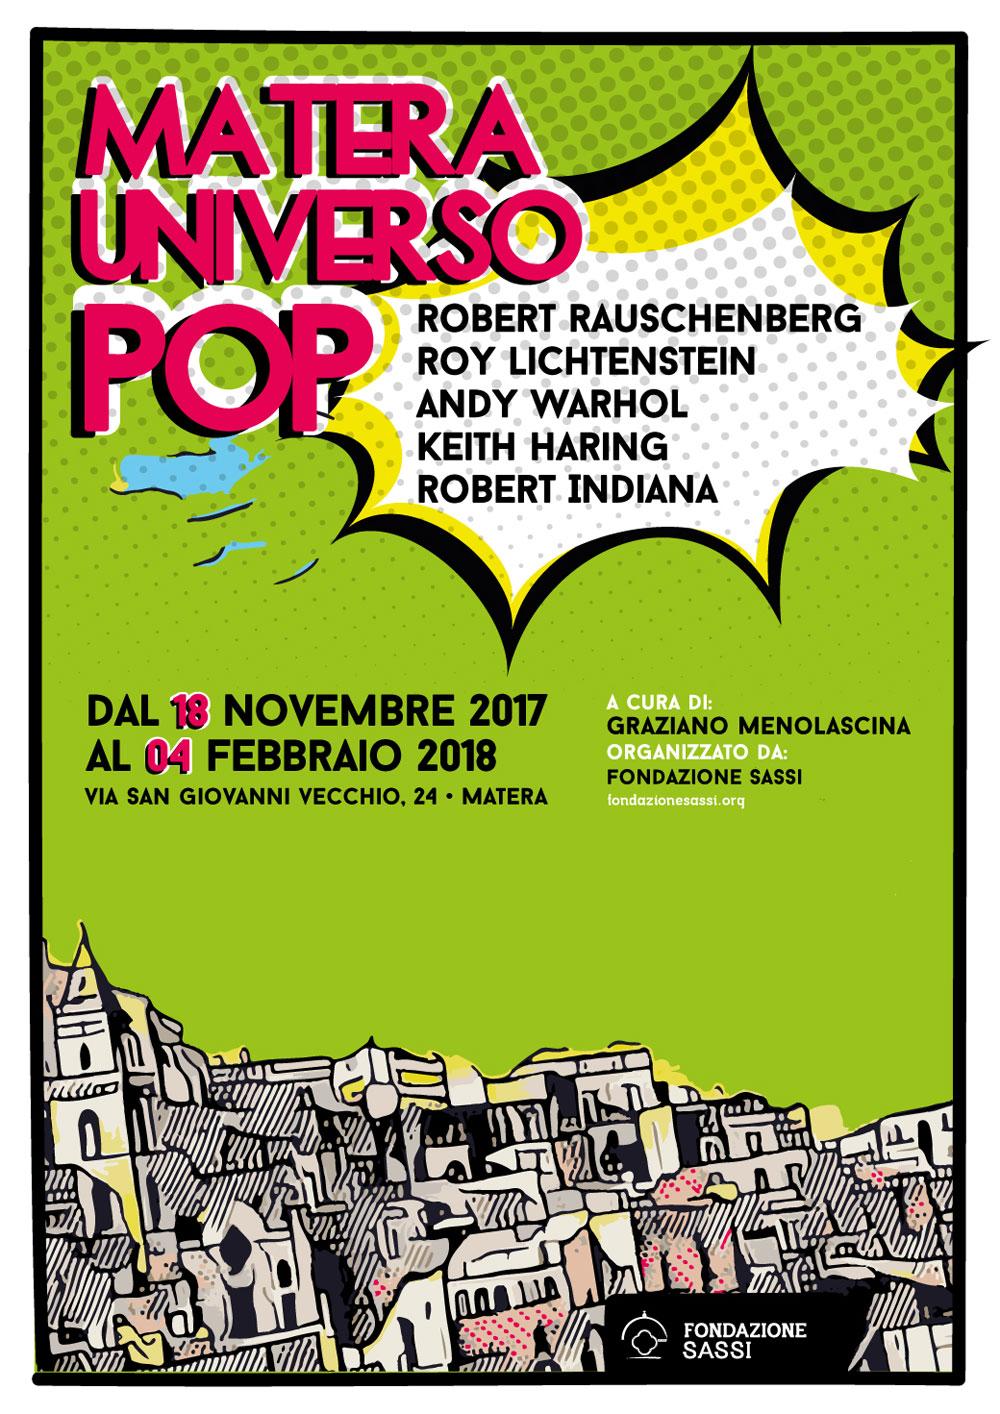 Matera Universo Pop: le opere della Pop Art in mostra alla Fondazione Sassi